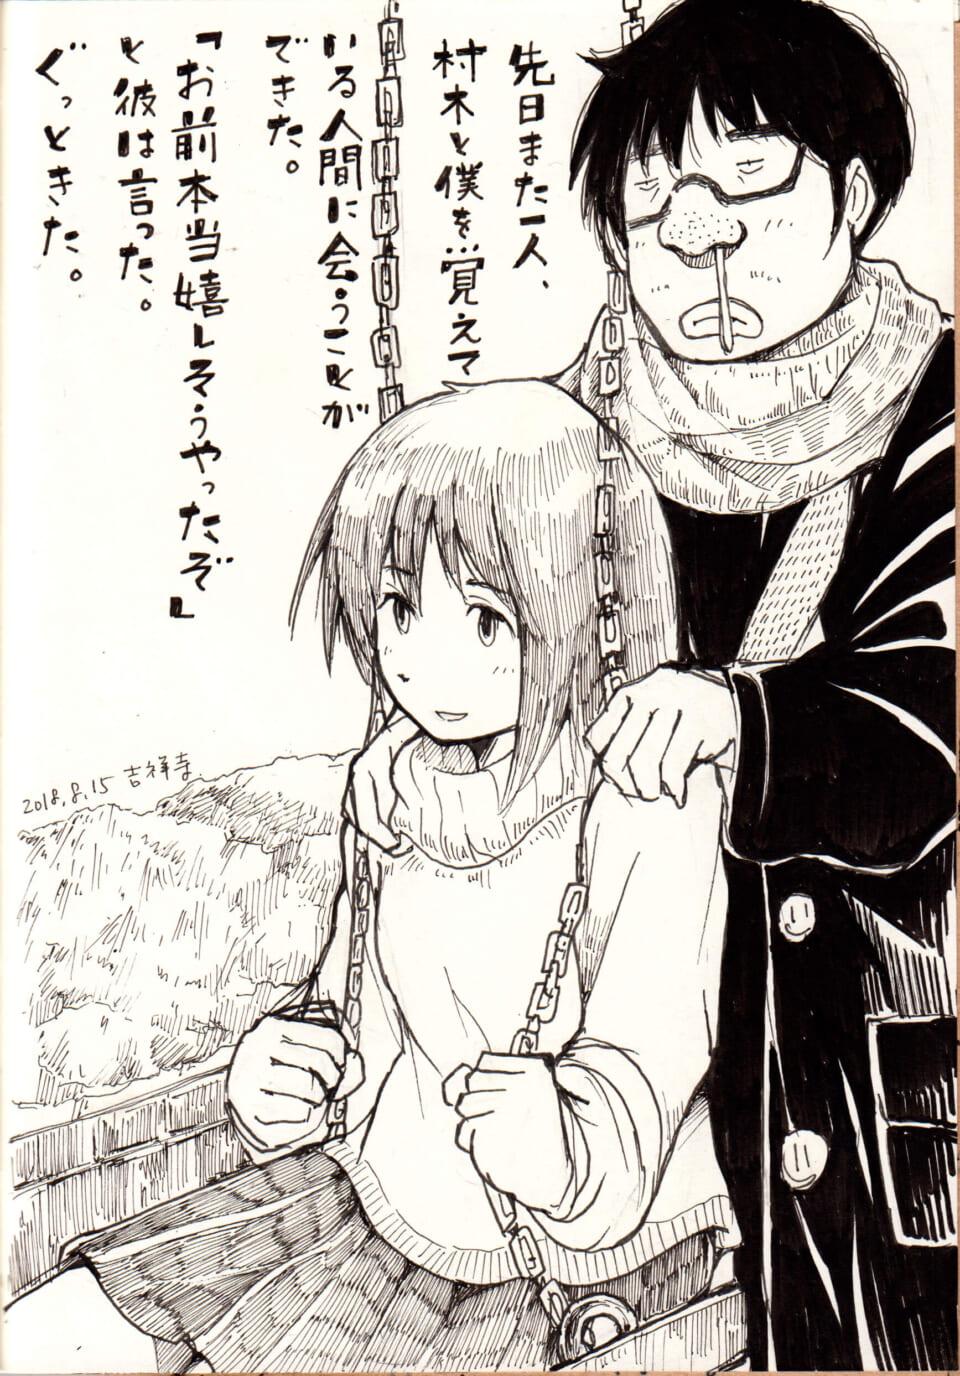 「1995.3.x:新田辺」